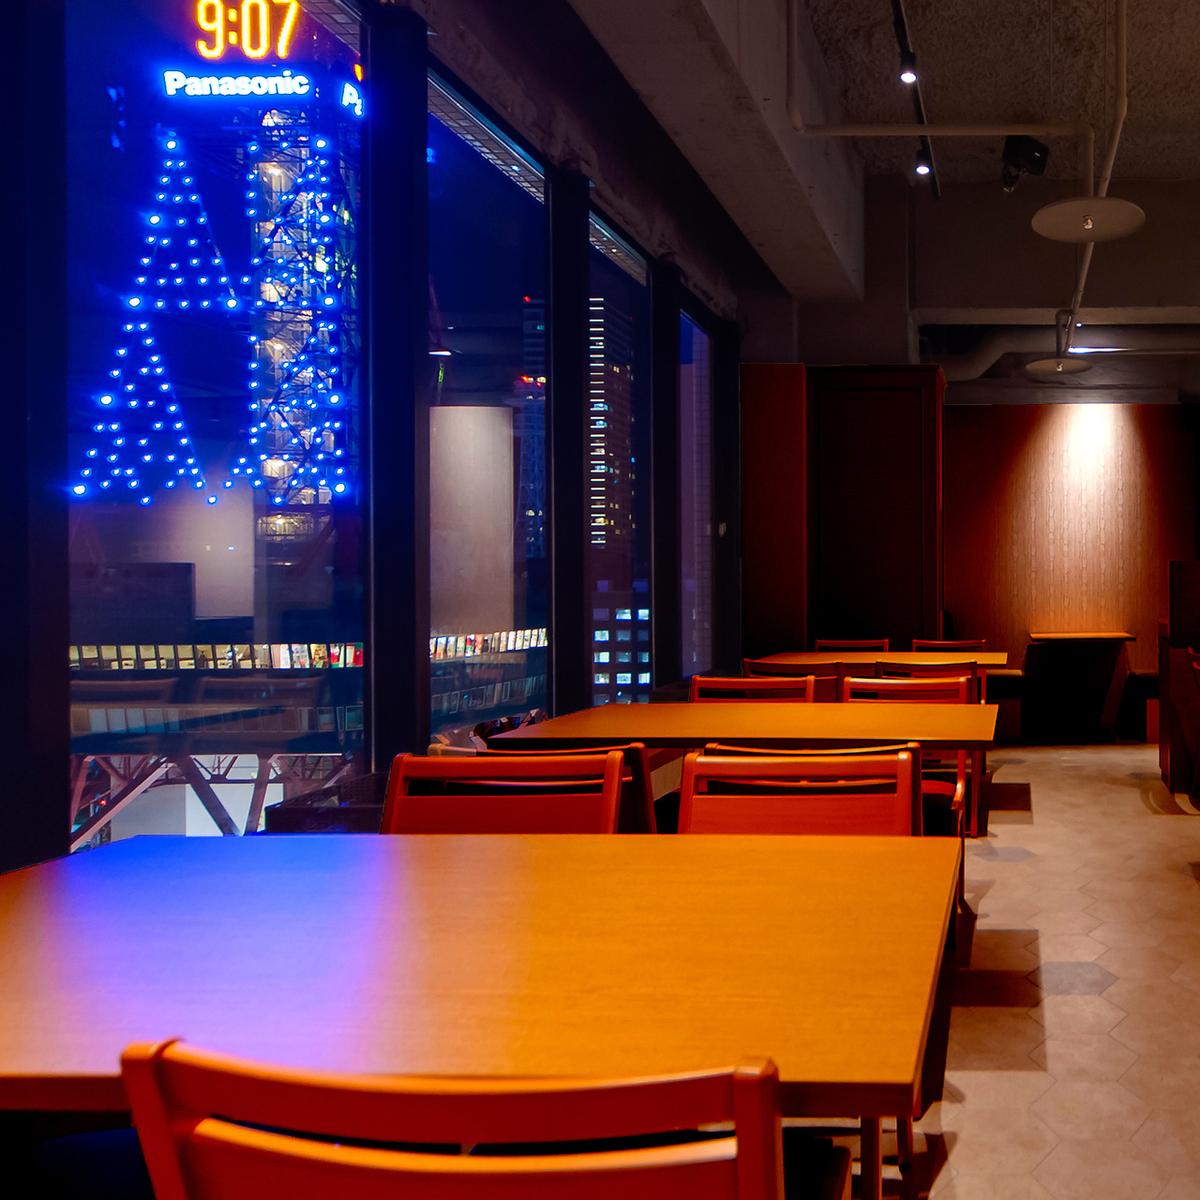 札幌市のシンボル「テレビ塔」のネオンがお愉しみ頂ける絶景レストランです。